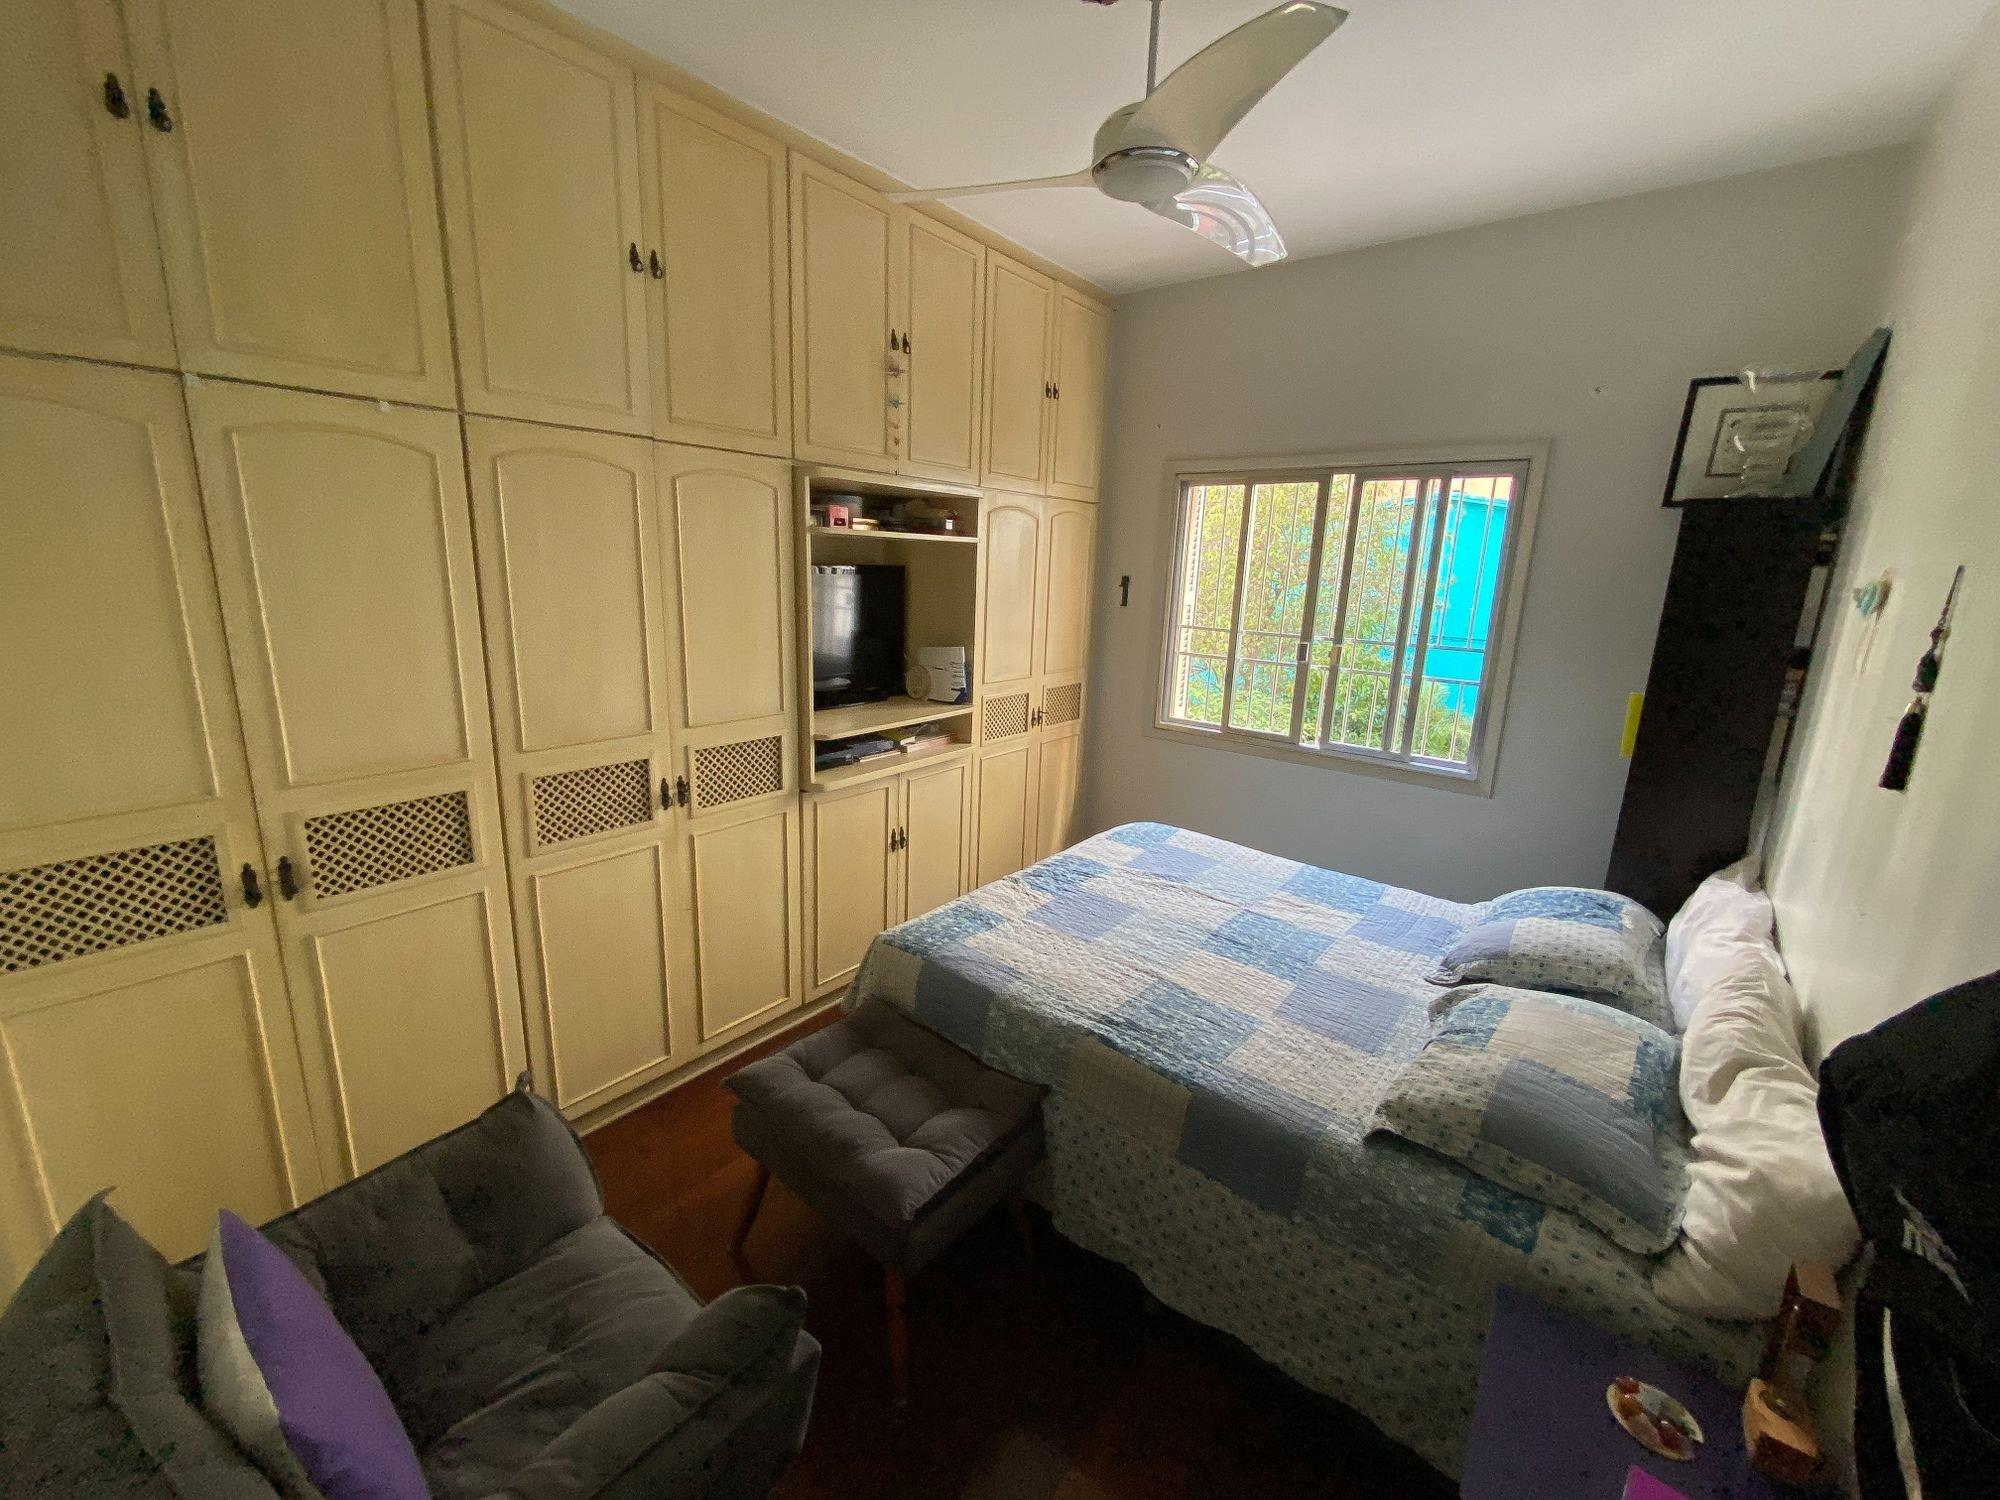 Foto de Quarto com cama, sofá, televisão, cadeira